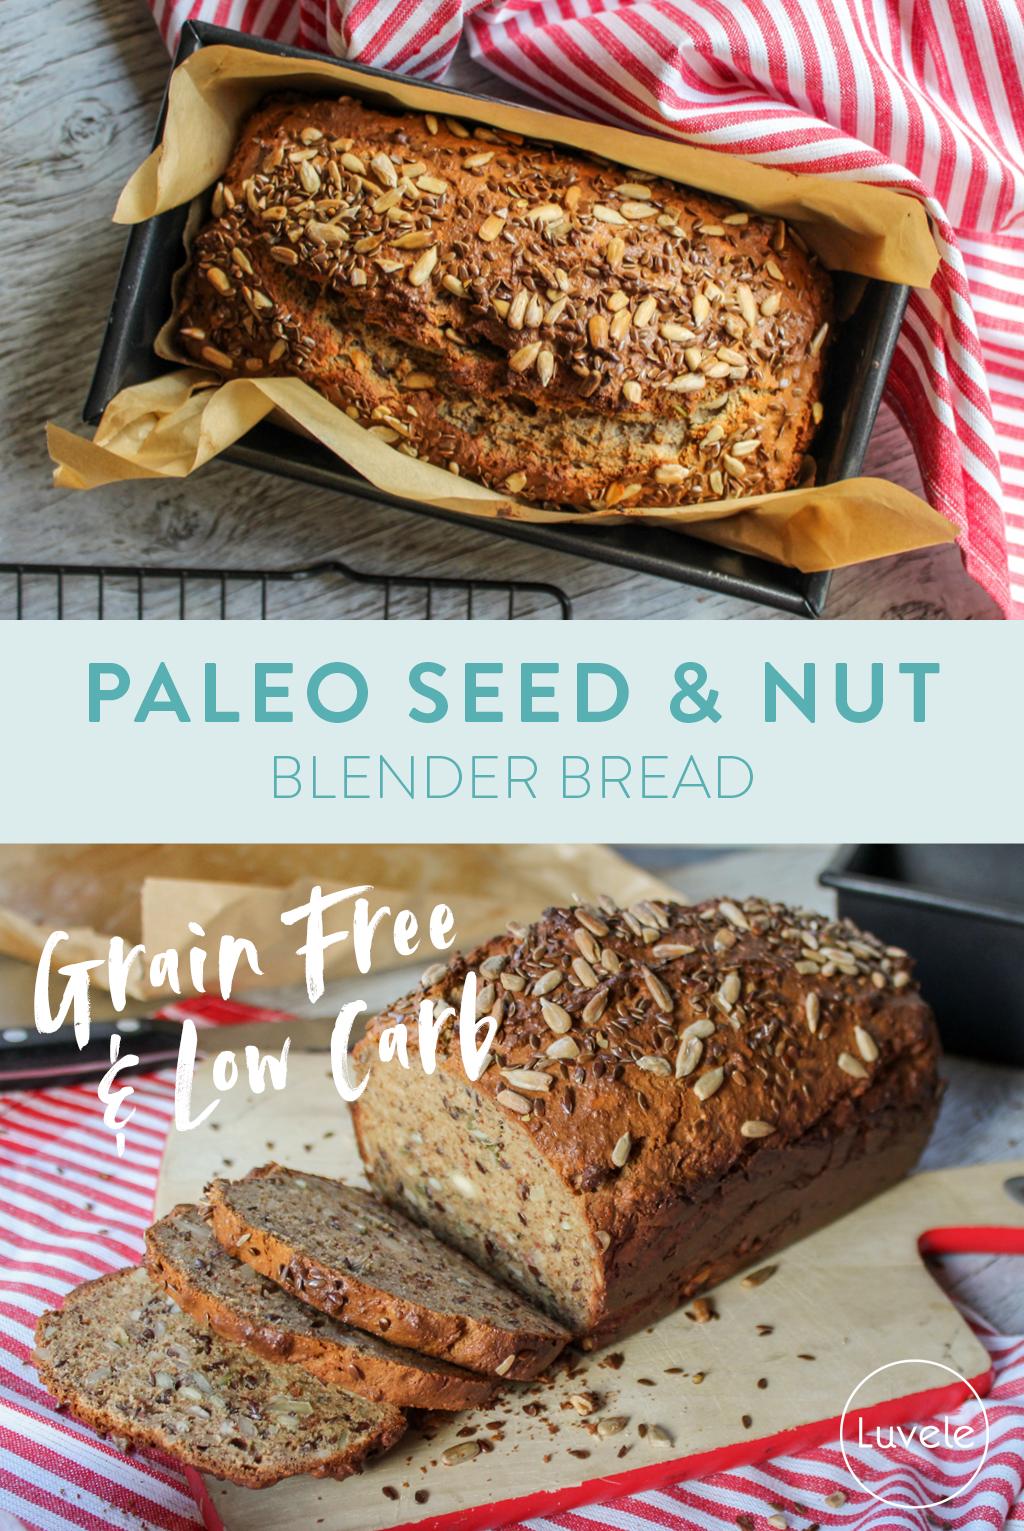 Paleo Nut Seed Blender Bread Paleo Nuts Bread Maker Recipes Gluten Free Recipes Bread